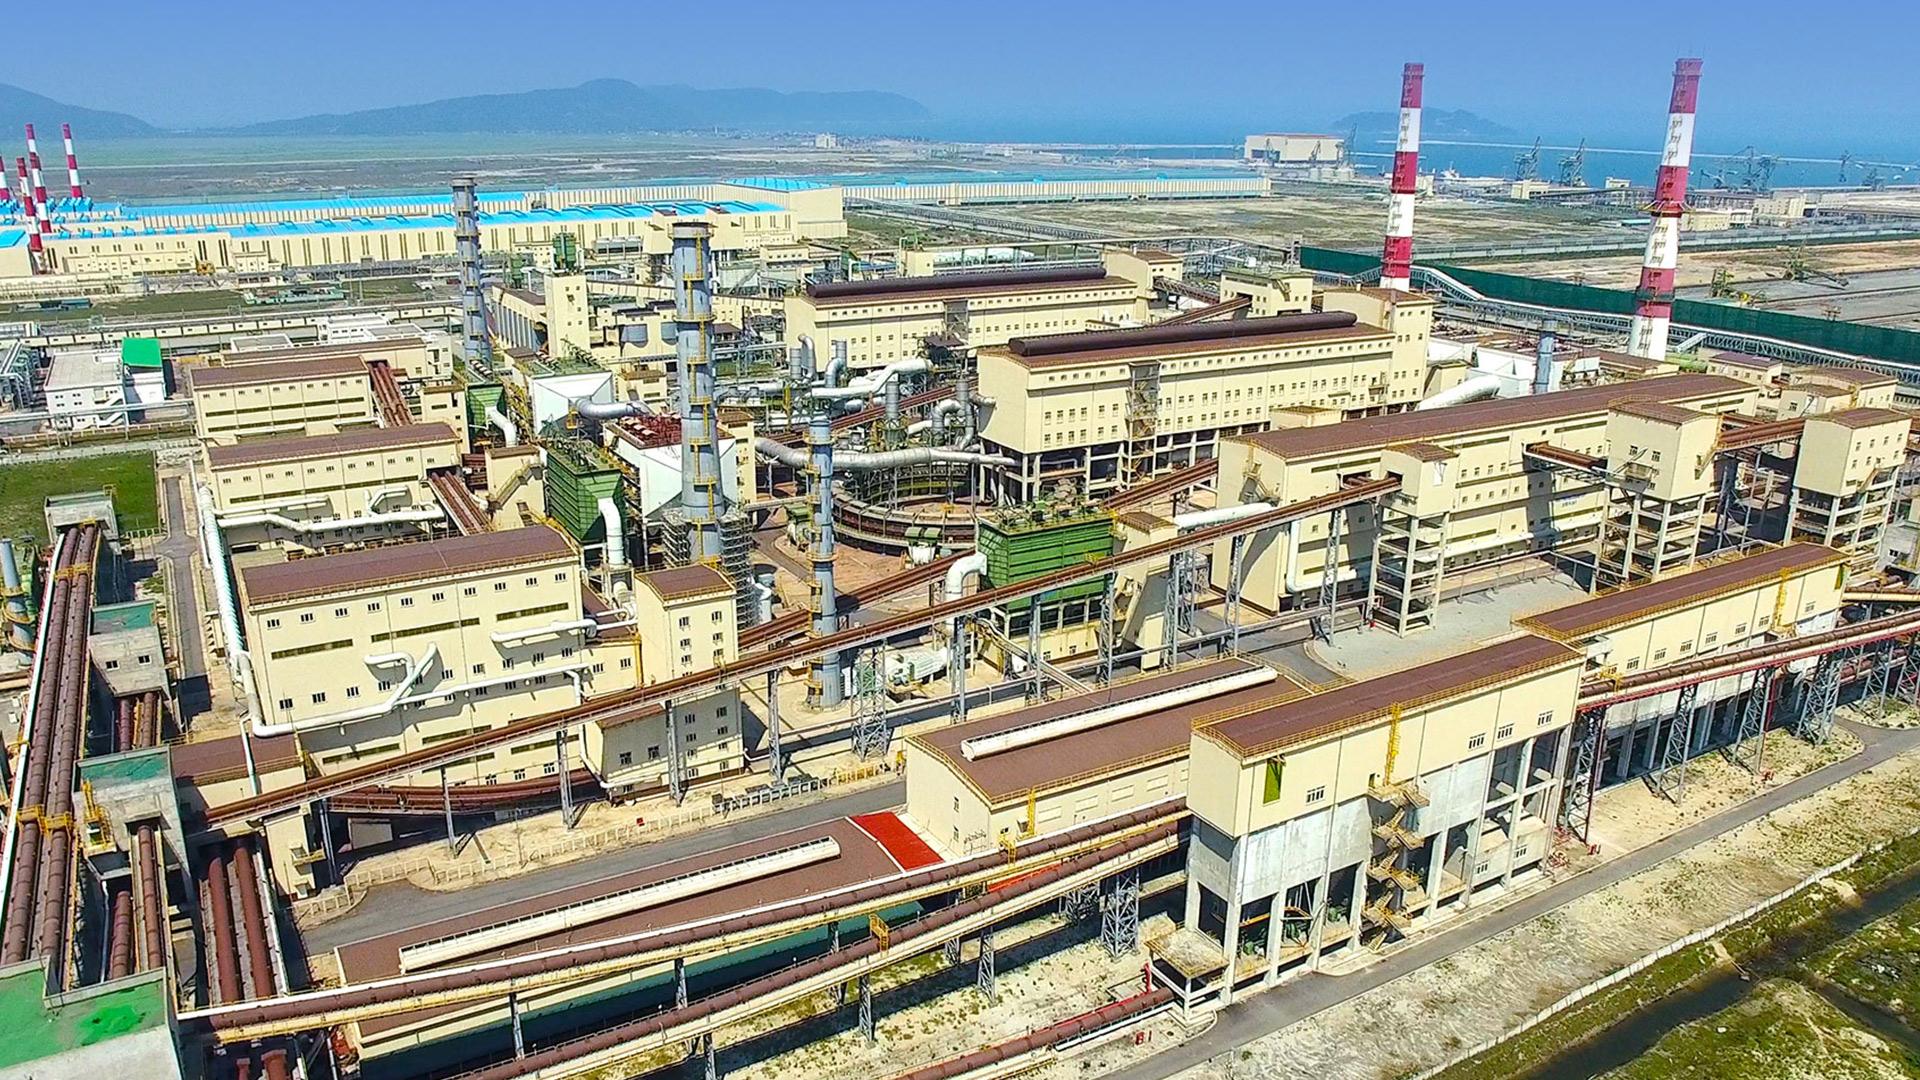 致力于让冶金工业更环保、人类家园更清洁、城市生活更美好